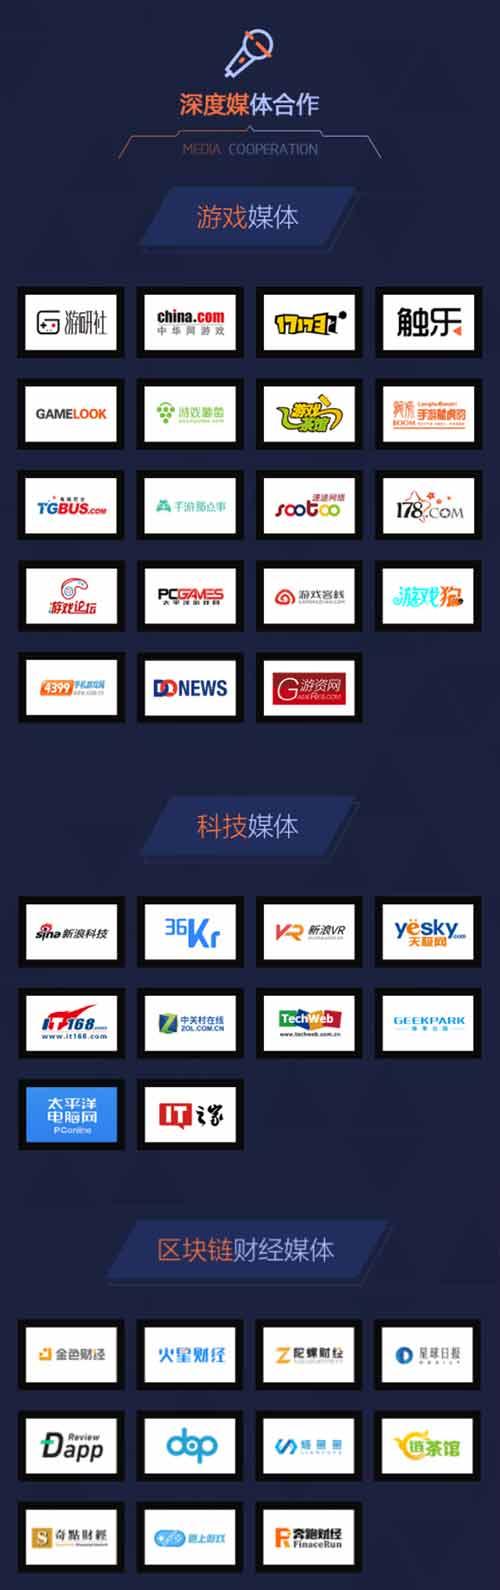 2018全球数娱未来高峰论坛在中国澳门盛大召开